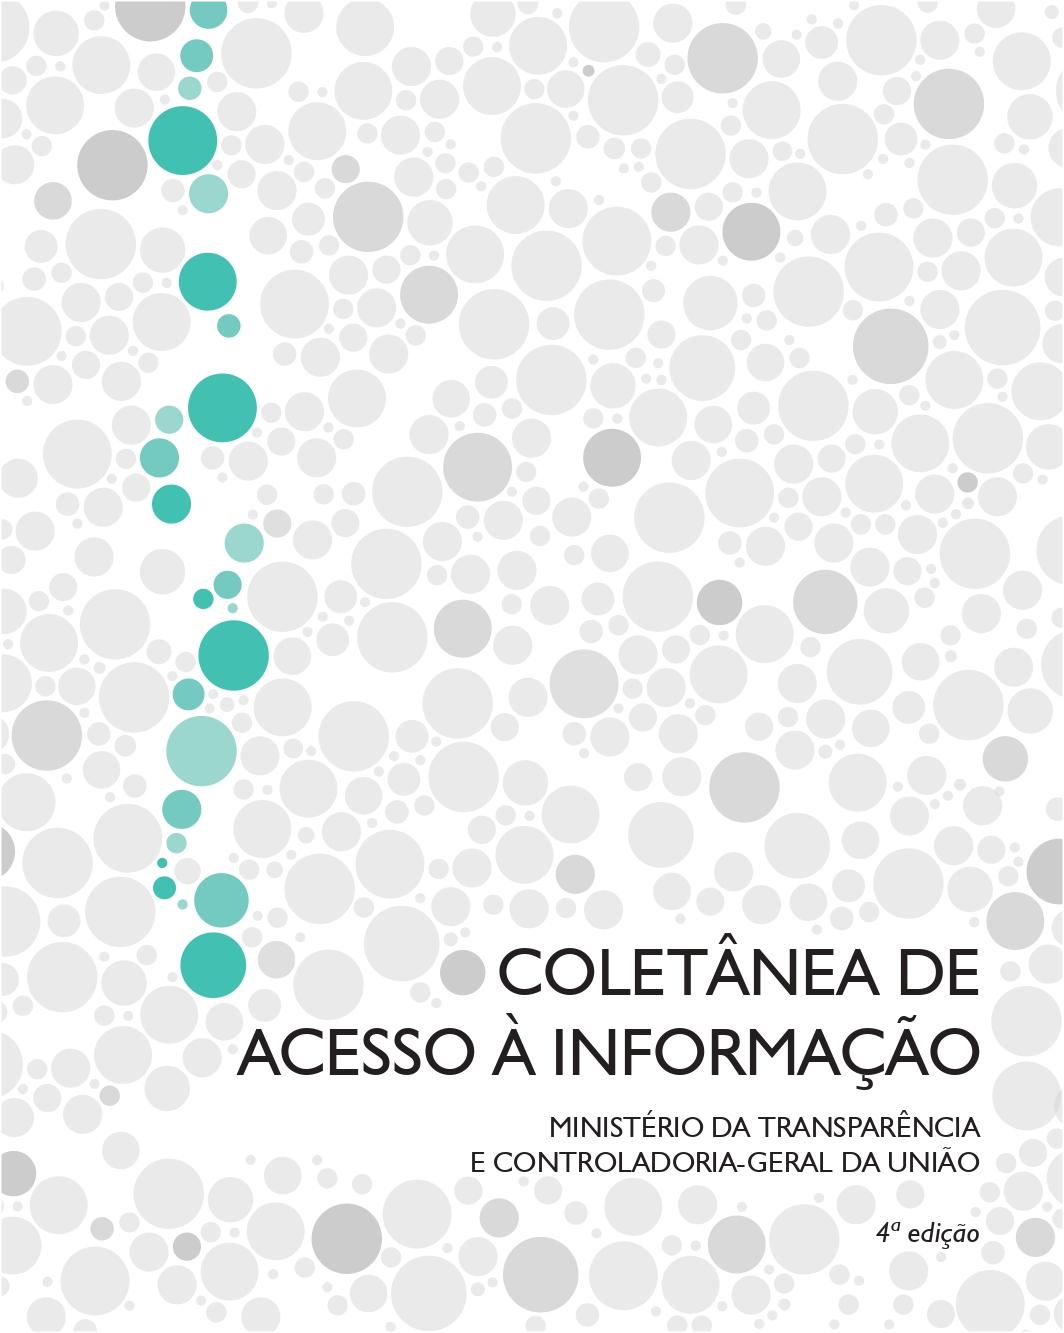 coletanea-de-acesso-a-informacao-4ed-web.jpg